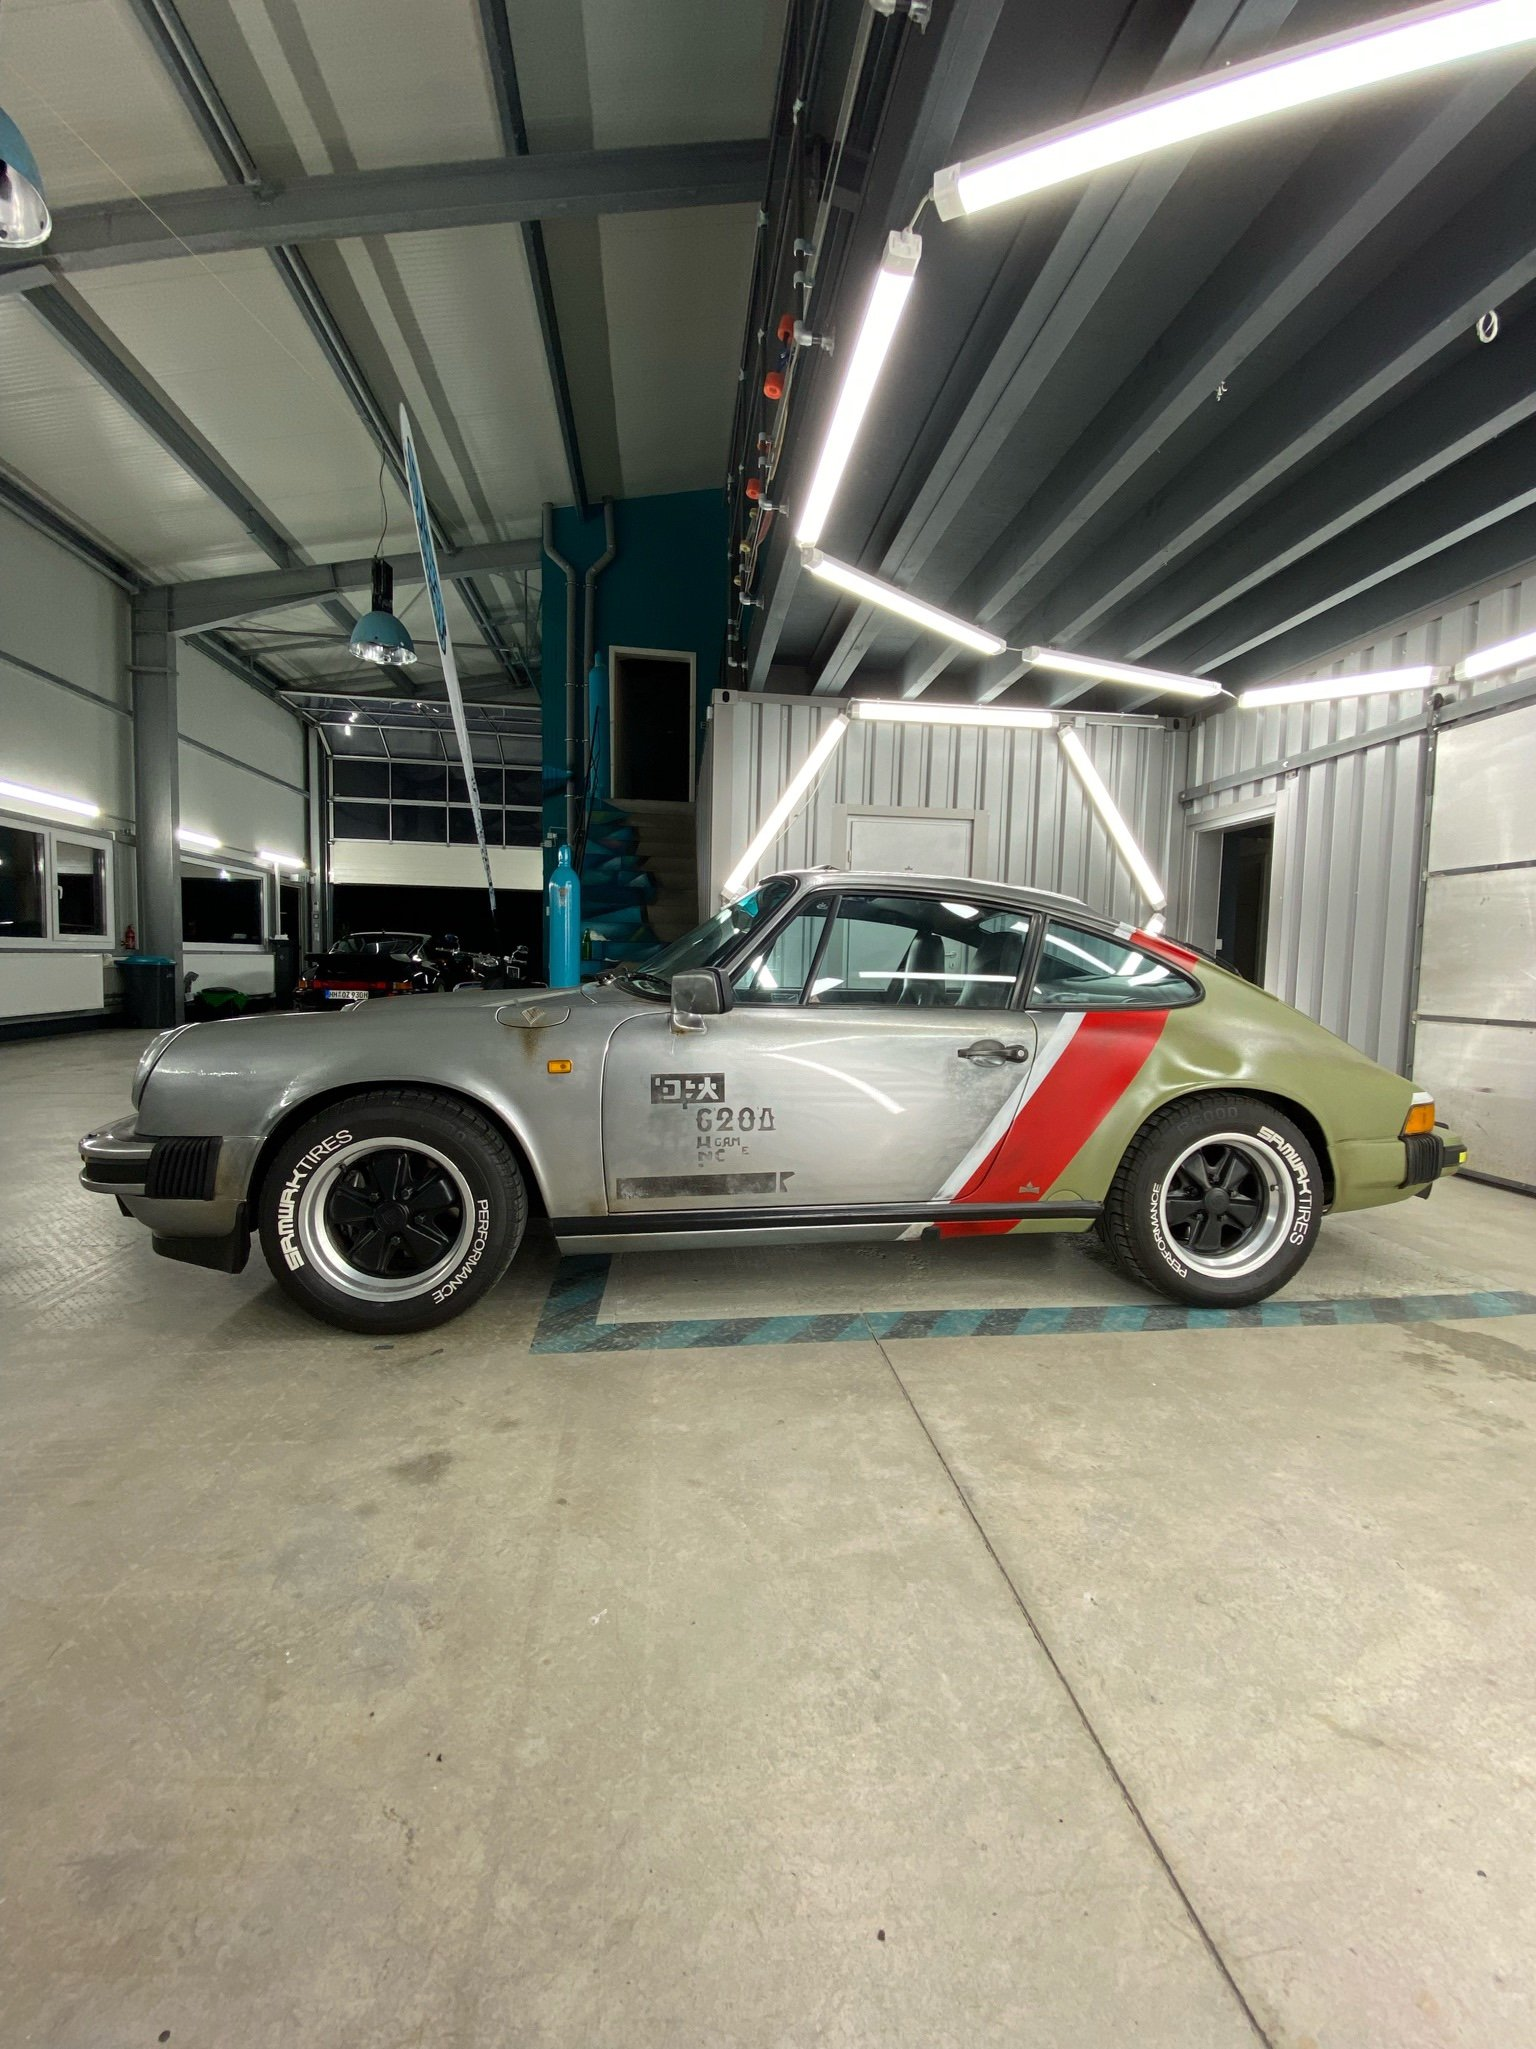 Cyberpunk 2077 - Porsche 911